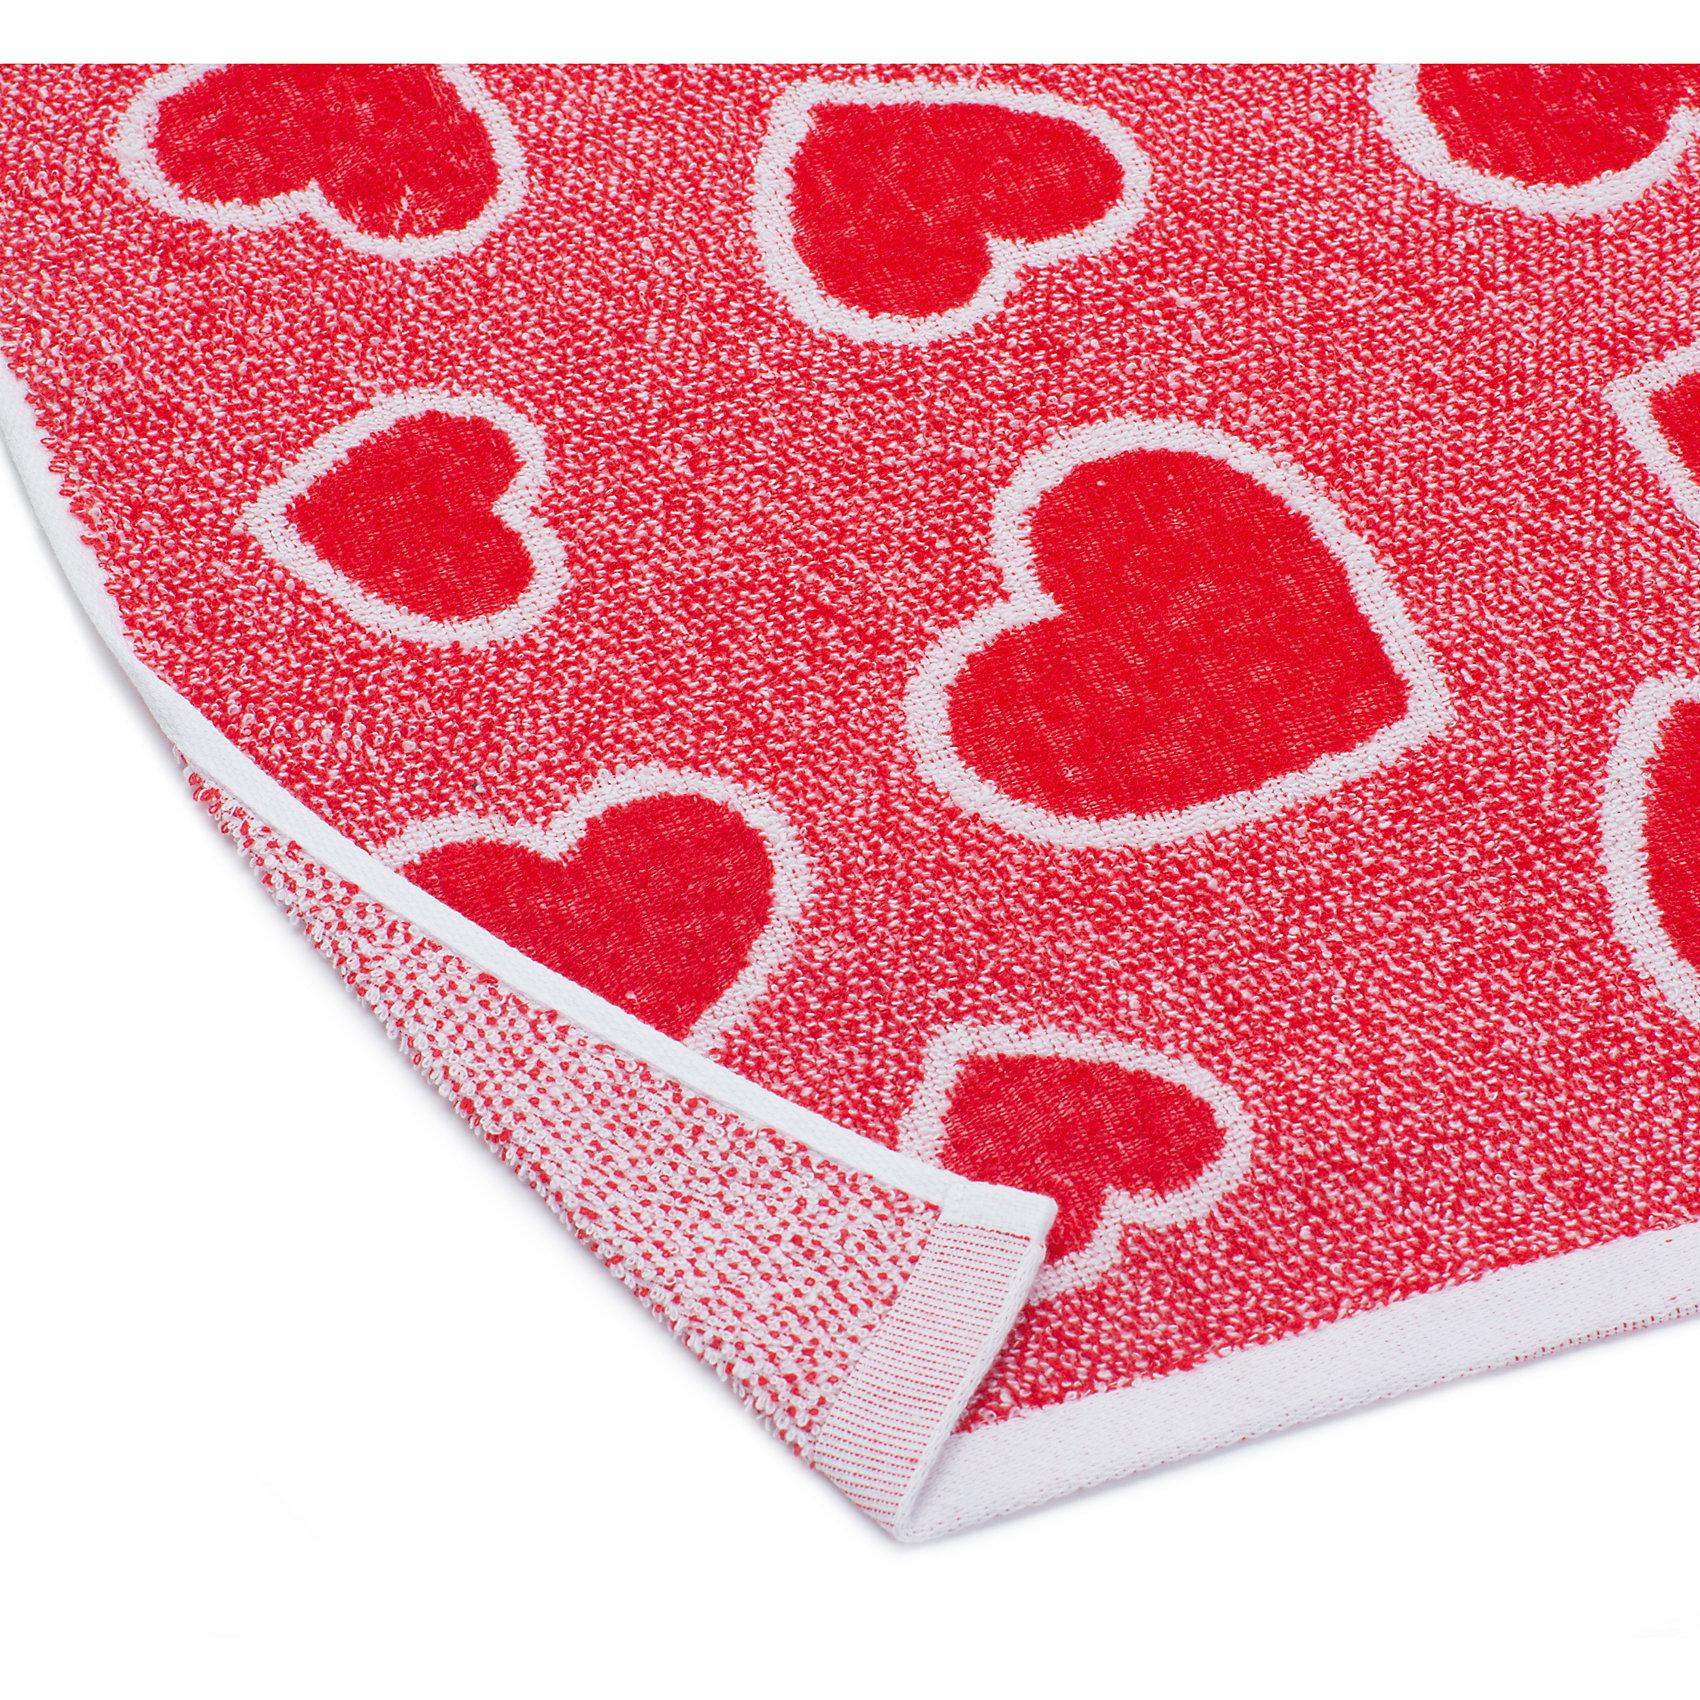 Комплект из 2-х махровых полотенец Сердечки 50*90*2, Любимый домКомплект Сердечки содержит 2 махровых полотенца, изготовленных из хлопка. Они очень мягкие и хорошо впитывают влагу. Укутаться в эти полотенца после ванны будет очень приятно. Приятная упаковка порадует вас.<br><br>Дополнительная информация:<br><br>Размер: 50х90 см<br>Материал: 100% хлопок<br>Торговая марка: Любимый дом<br><br>Вы можете приобрести комплект из 2=х полотенец Сердечки в нашем интернет-магазине.<br><br>Ширина мм: 500<br>Глубина мм: 500<br>Высота мм: 200<br>Вес г: 300<br>Возраст от месяцев: 0<br>Возраст до месяцев: 144<br>Пол: Унисекс<br>Возраст: Детский<br>SKU: 5010905